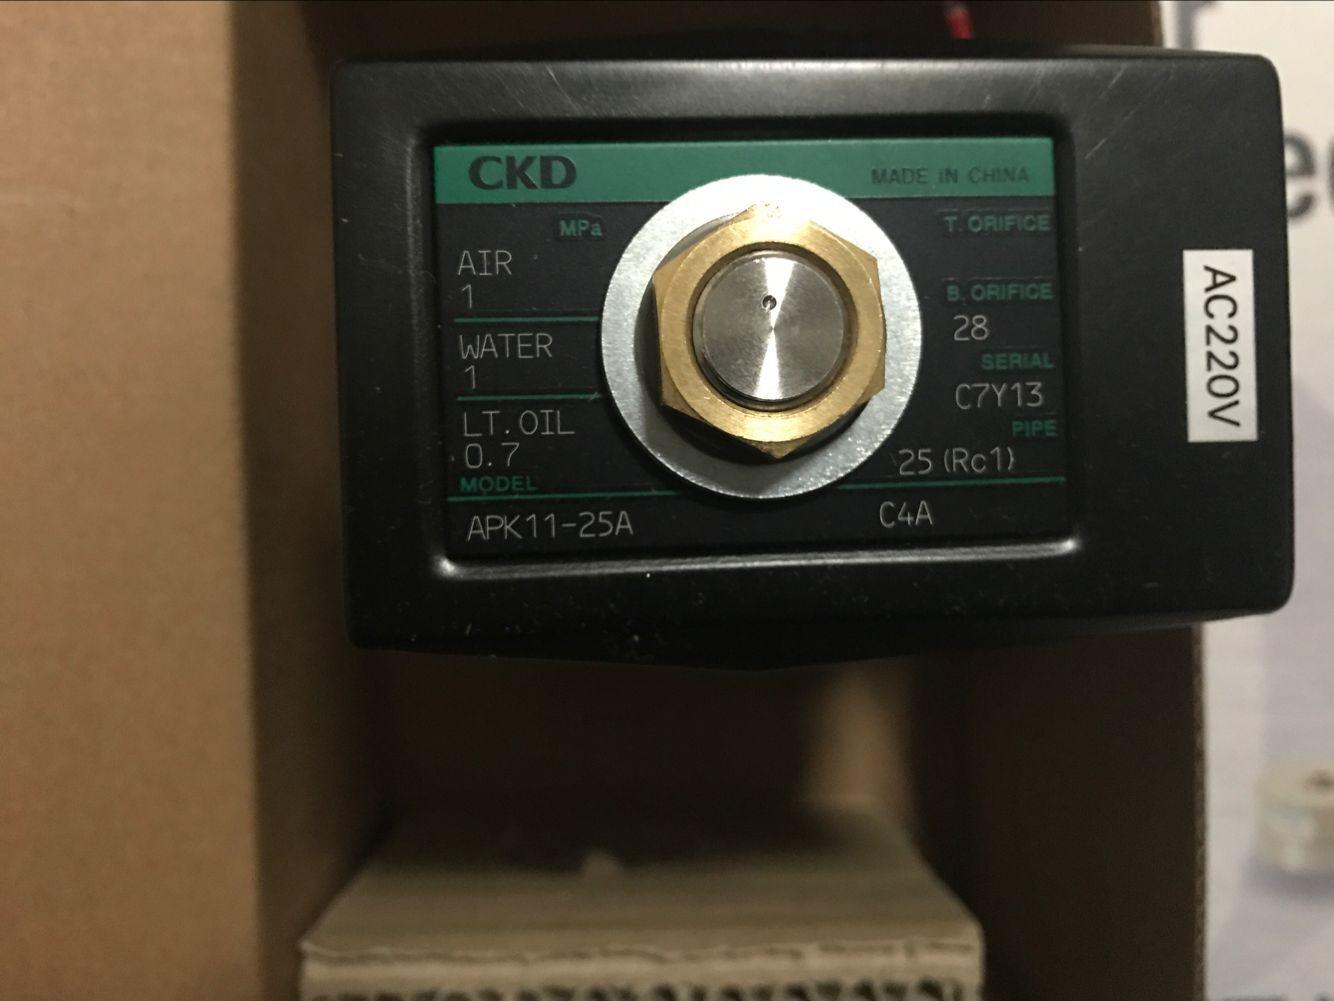 NEW original solenoid valve APK11-10A-02E APK11-15A-02E APK11-20A-02E APK11-25A AC220VNEW original solenoid valve APK11-10A-02E APK11-15A-02E APK11-20A-02E APK11-25A AC220V